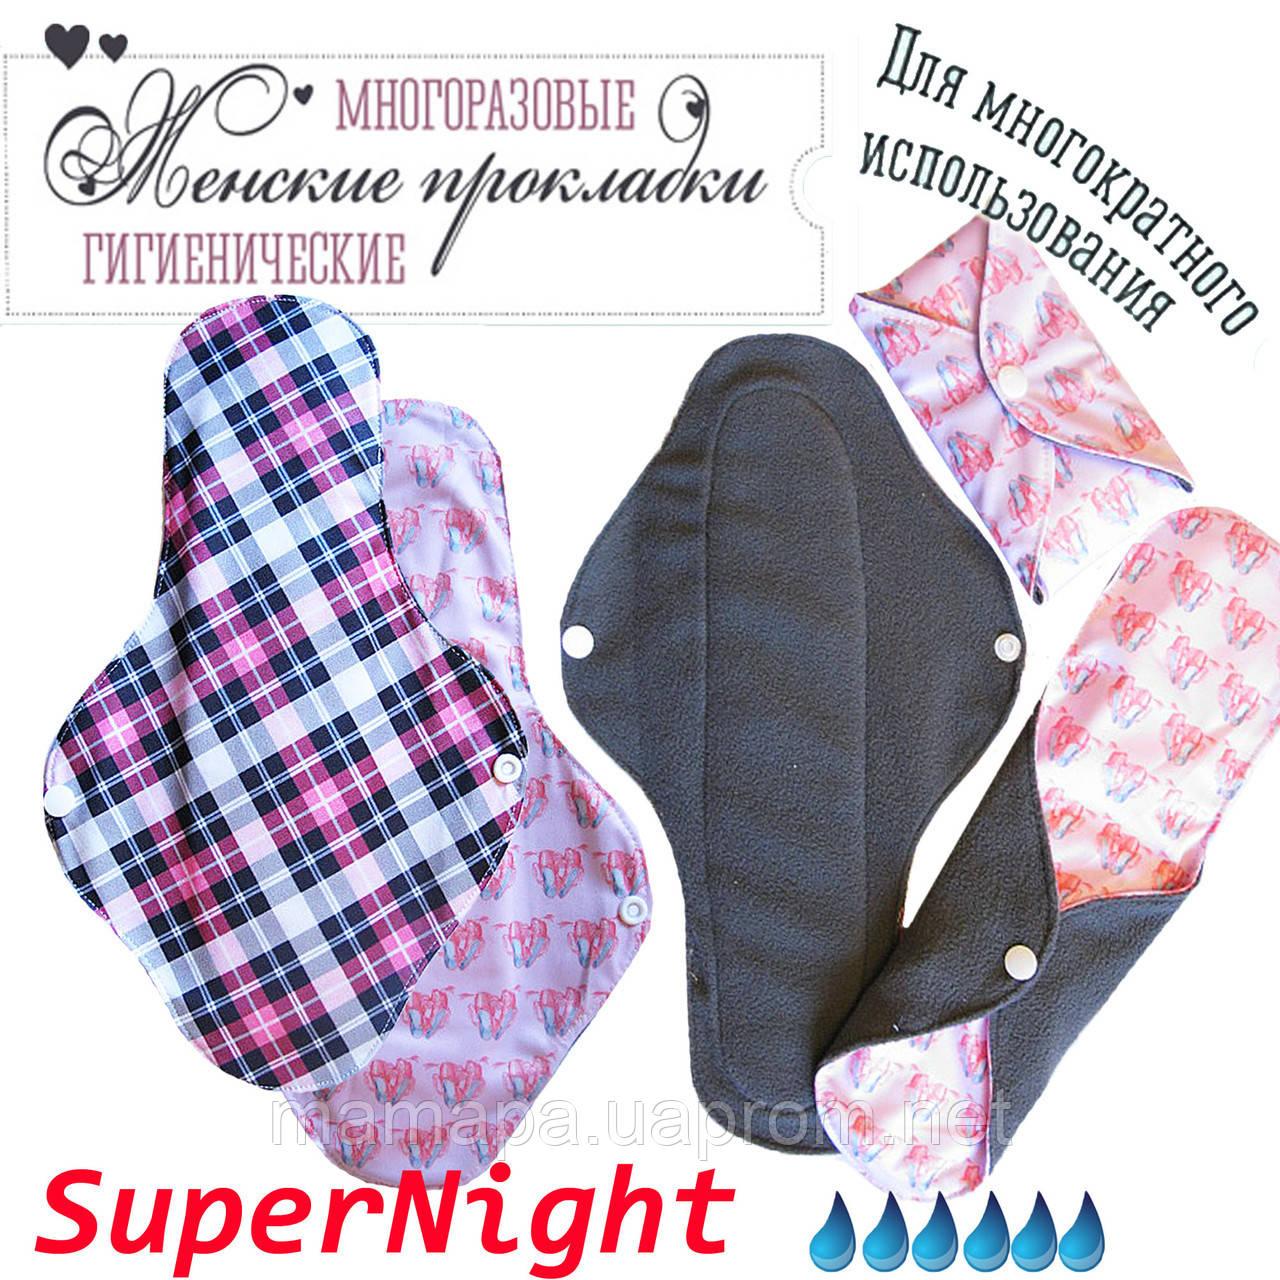 dca40f791adb Многоразовые прокладки Super Night-6 бамбук угольный, непромокаемые,  дышащие - 1шт